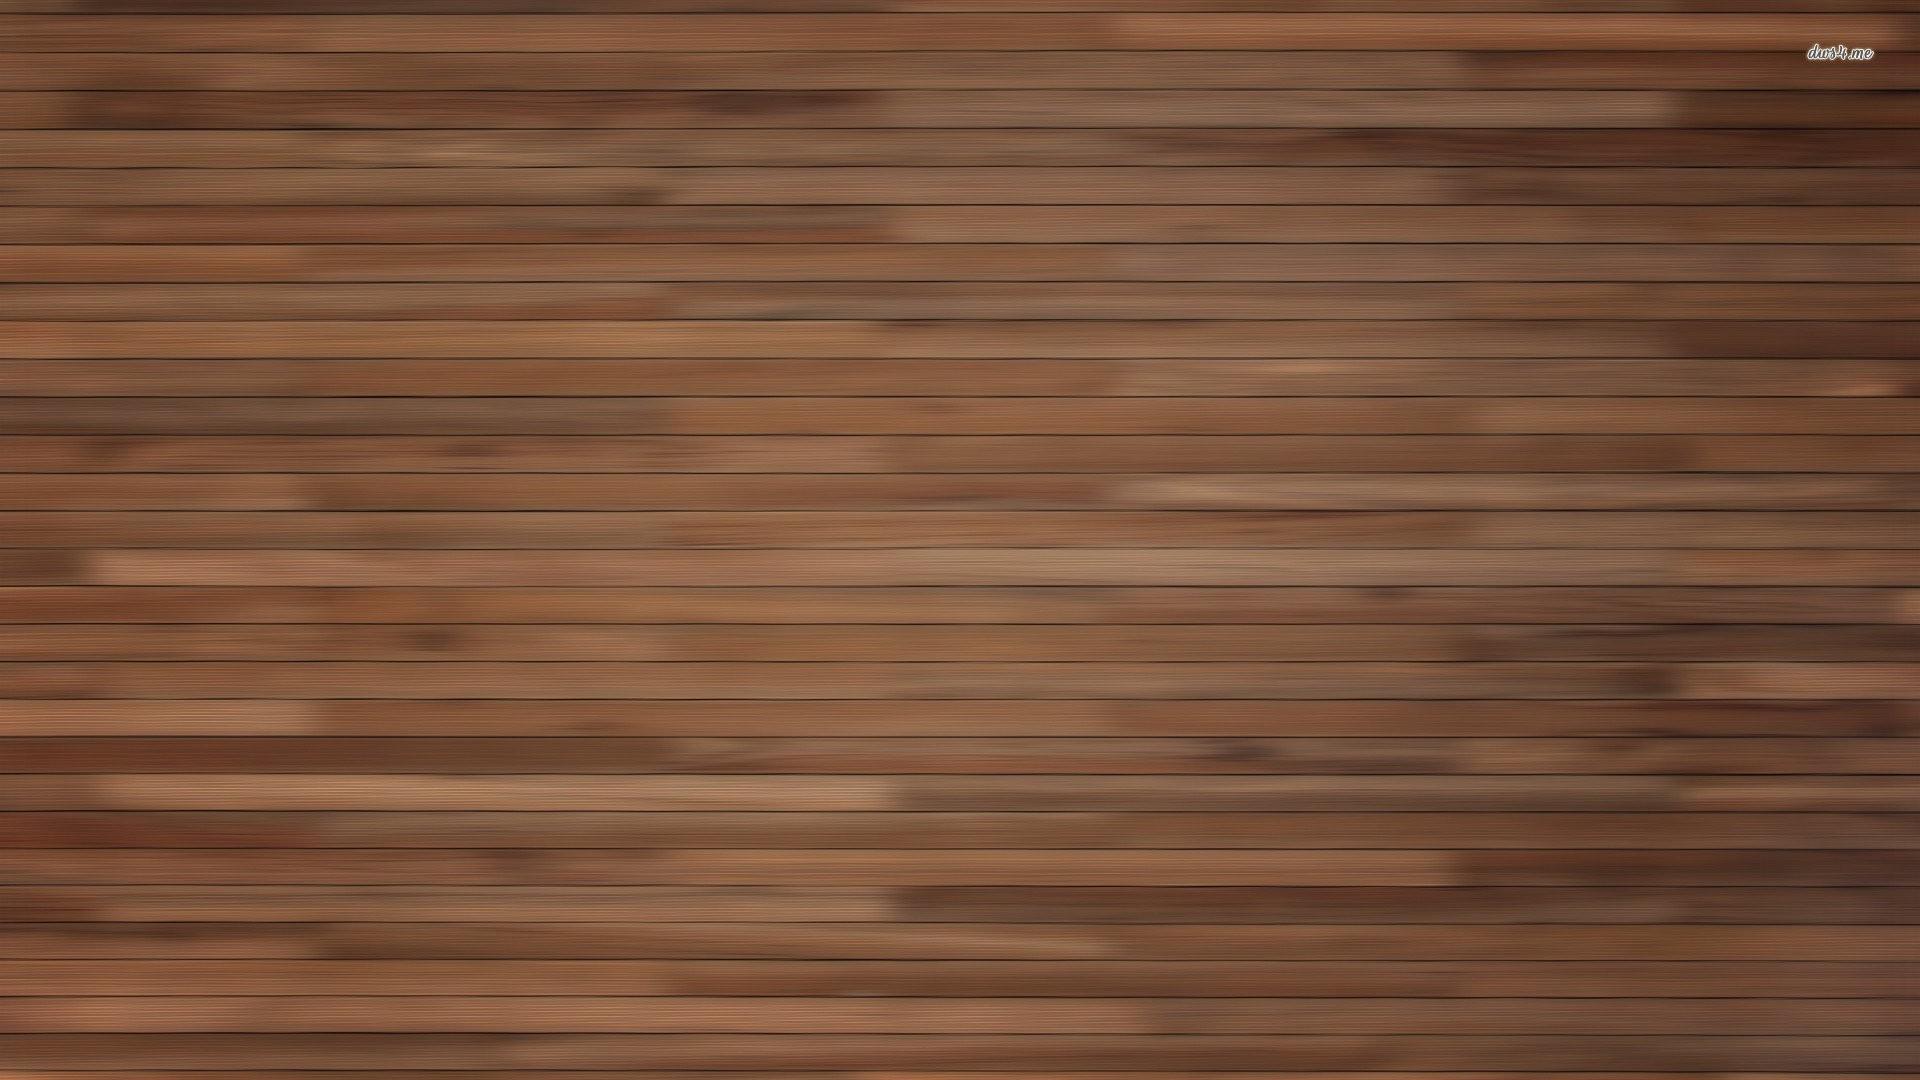 Wood Grain Wallpaper (63+ images)